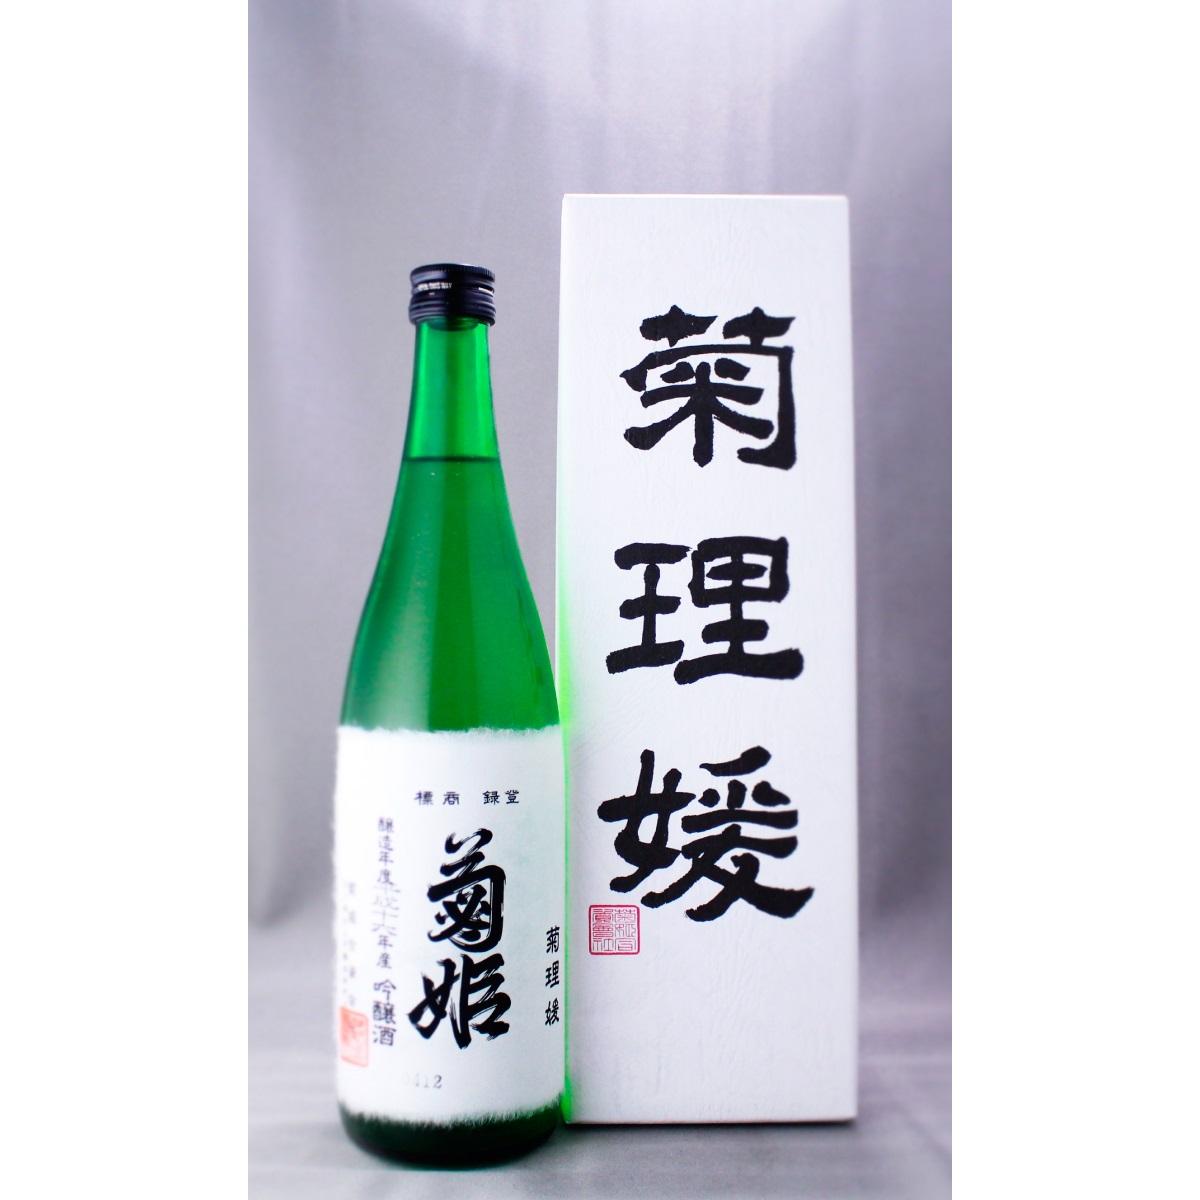 菊姫 大吟醸 菊理媛 720ml 日本酒 あす楽 ギフト のし 贈答品